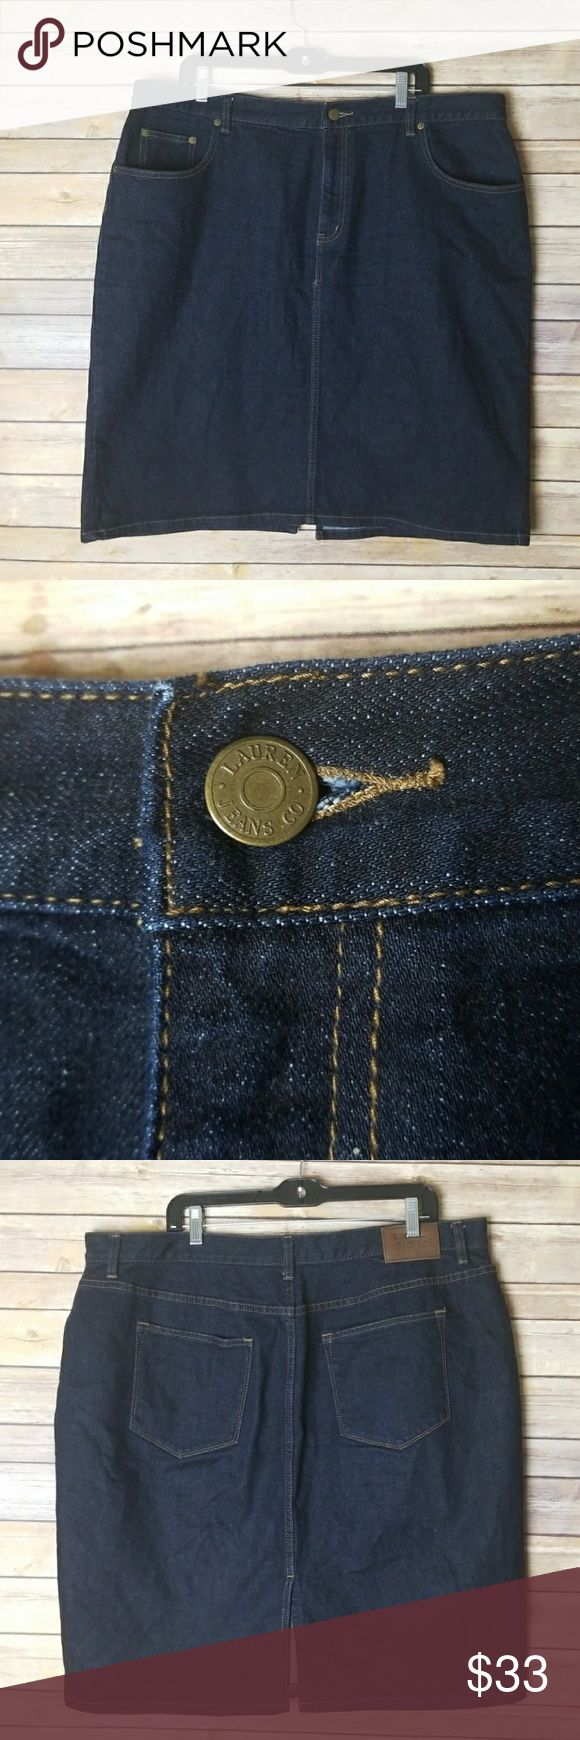 Ralph Lauren Denim Skirt Size 18W Guc no damage or stains  Waist 20.5 in Waist to hem 23.5 in  PL1 Ralph Lauren Skirts Midi